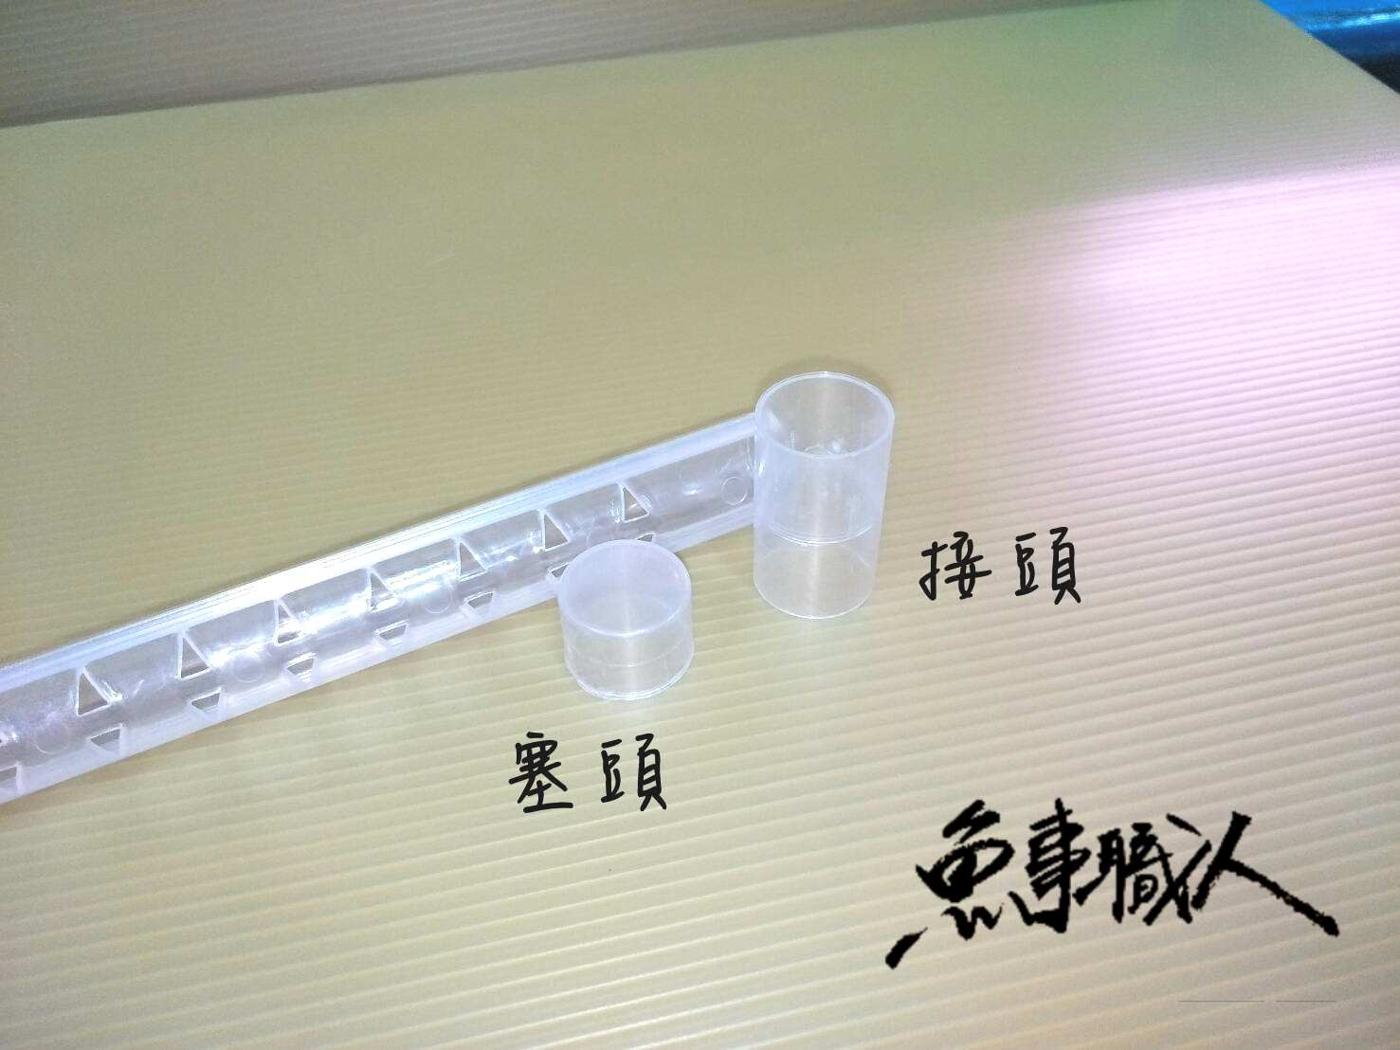 【生化滴流管(透明)】【專用接頭、塞頭】【直徑1cm適用】滴流管專用零件、配件 魚事職人